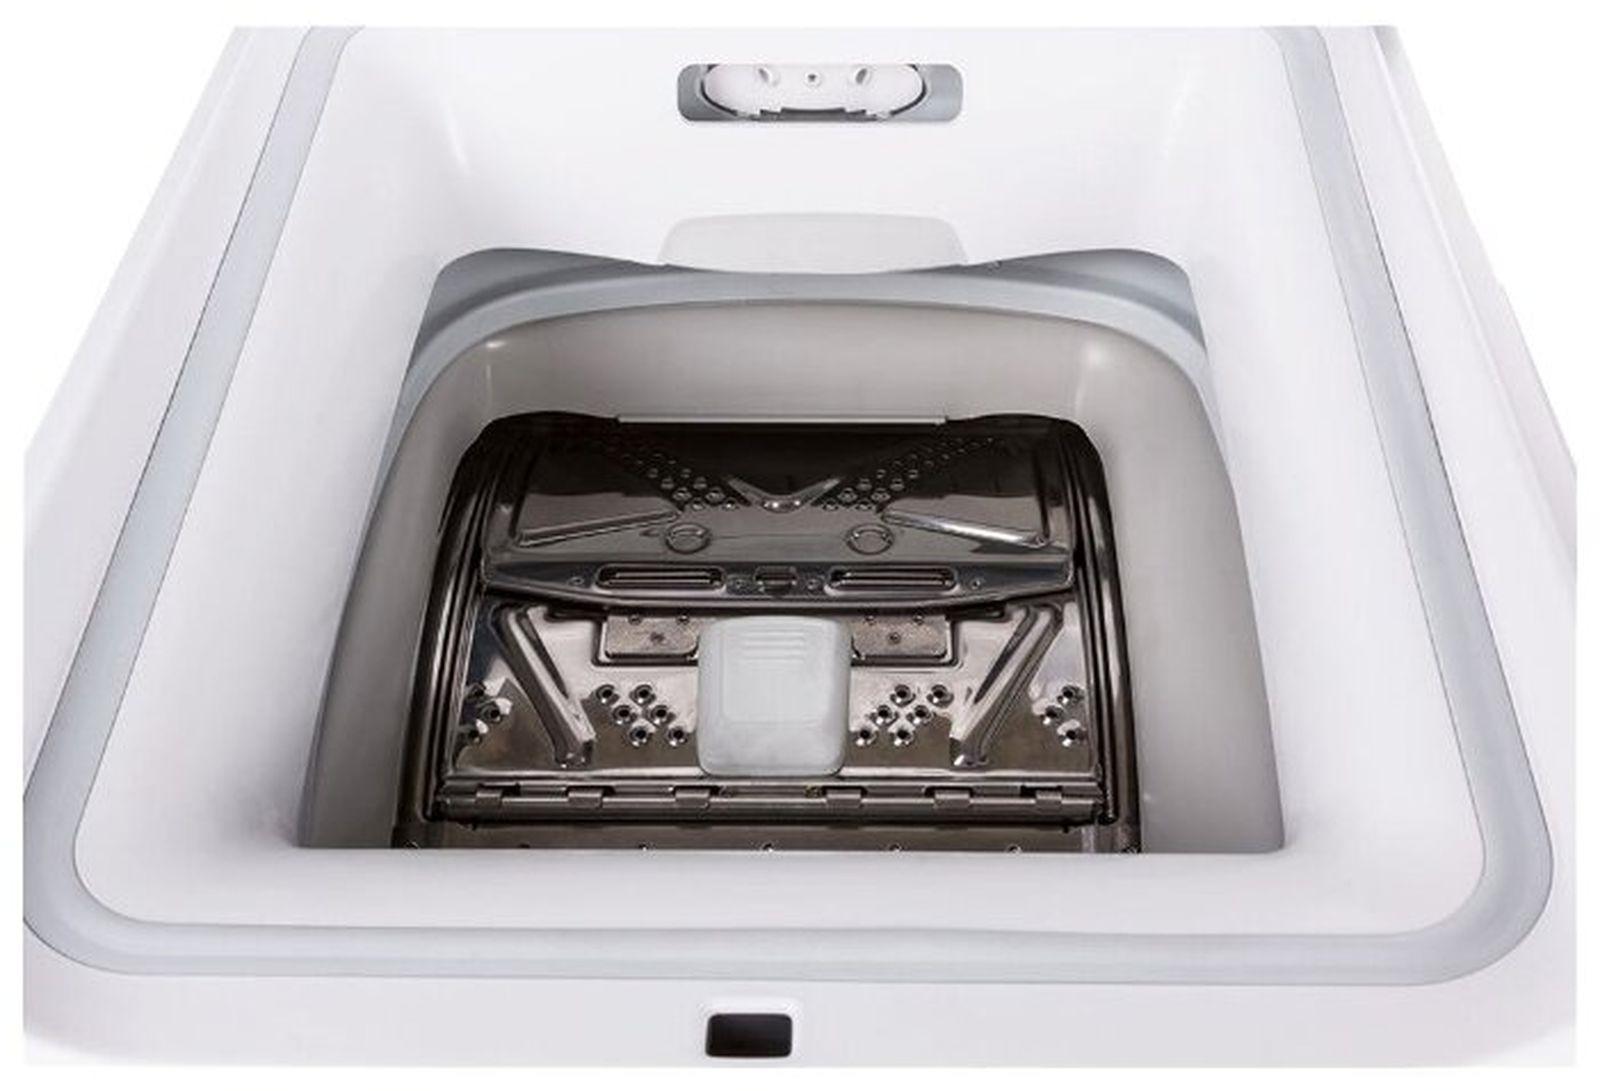 Стиральная машина Whirlpool AWE 2215, 94799, белый Whirlpool